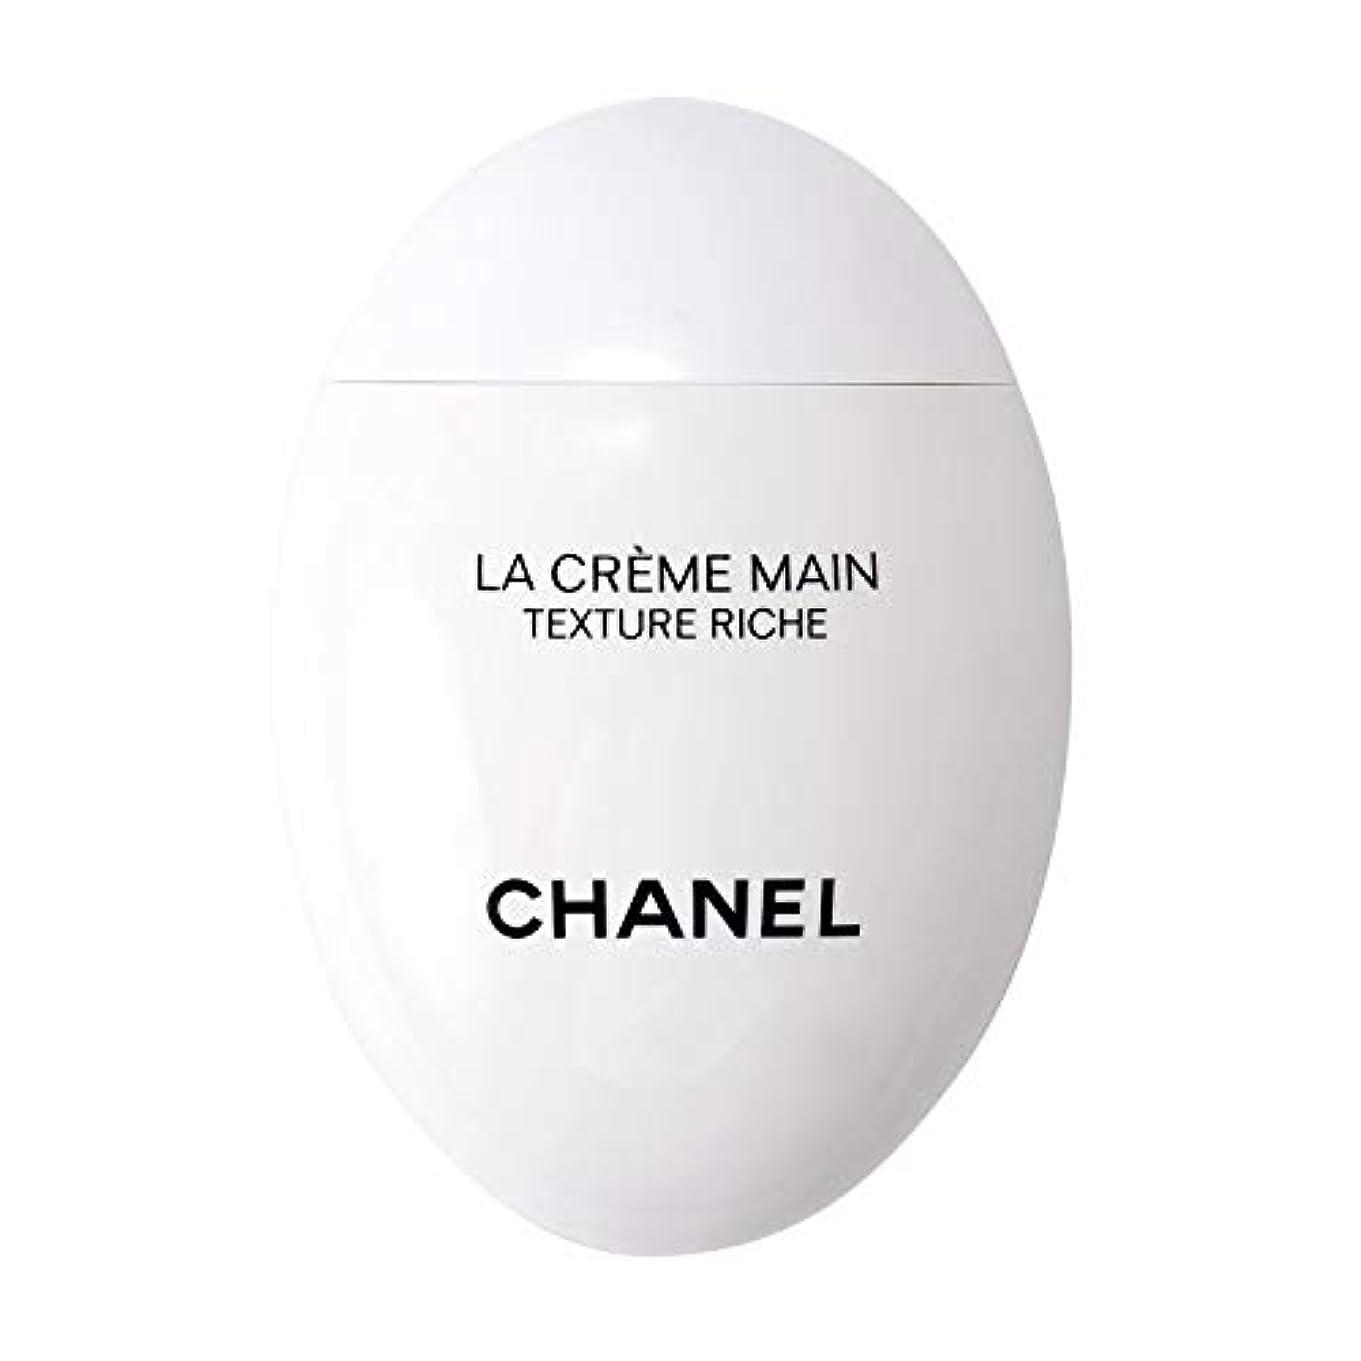 ハリケーン混乱した不愉快[ギフトラッピング] シャネル CHANEL ハンドクリーム 50ml ラ クレーム マン ショップバッグ付き (50ml)